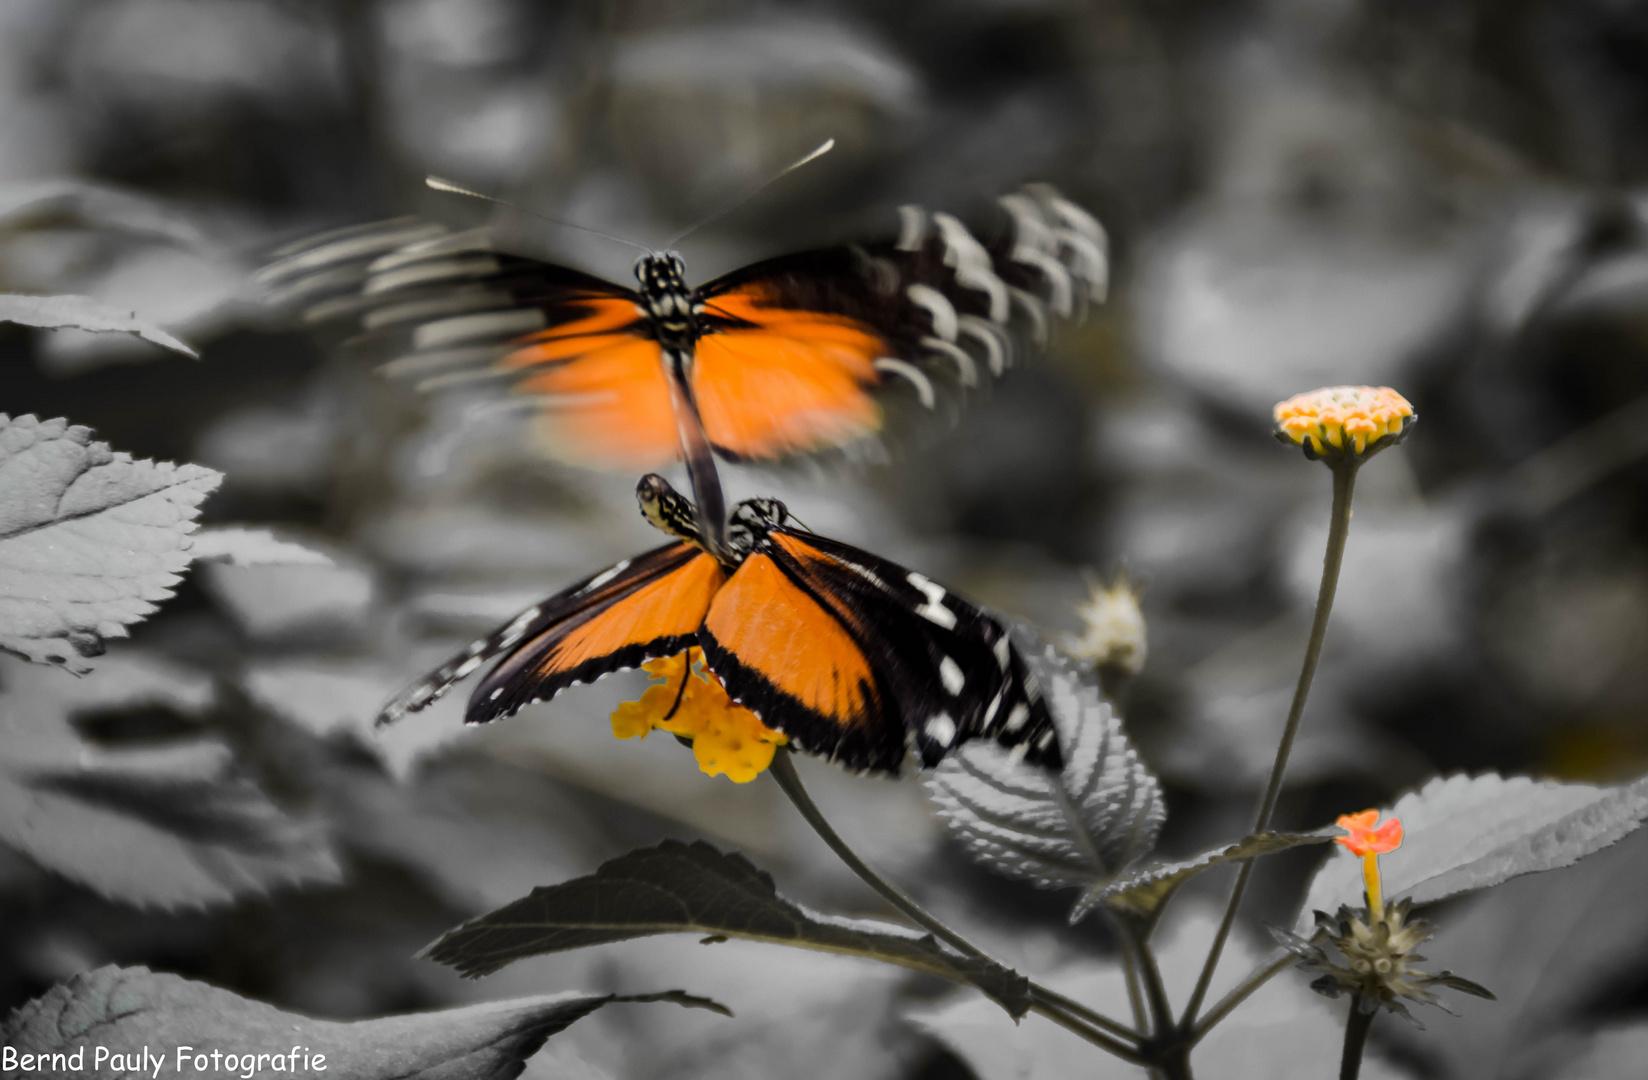 Paarung der Schmetterlinge